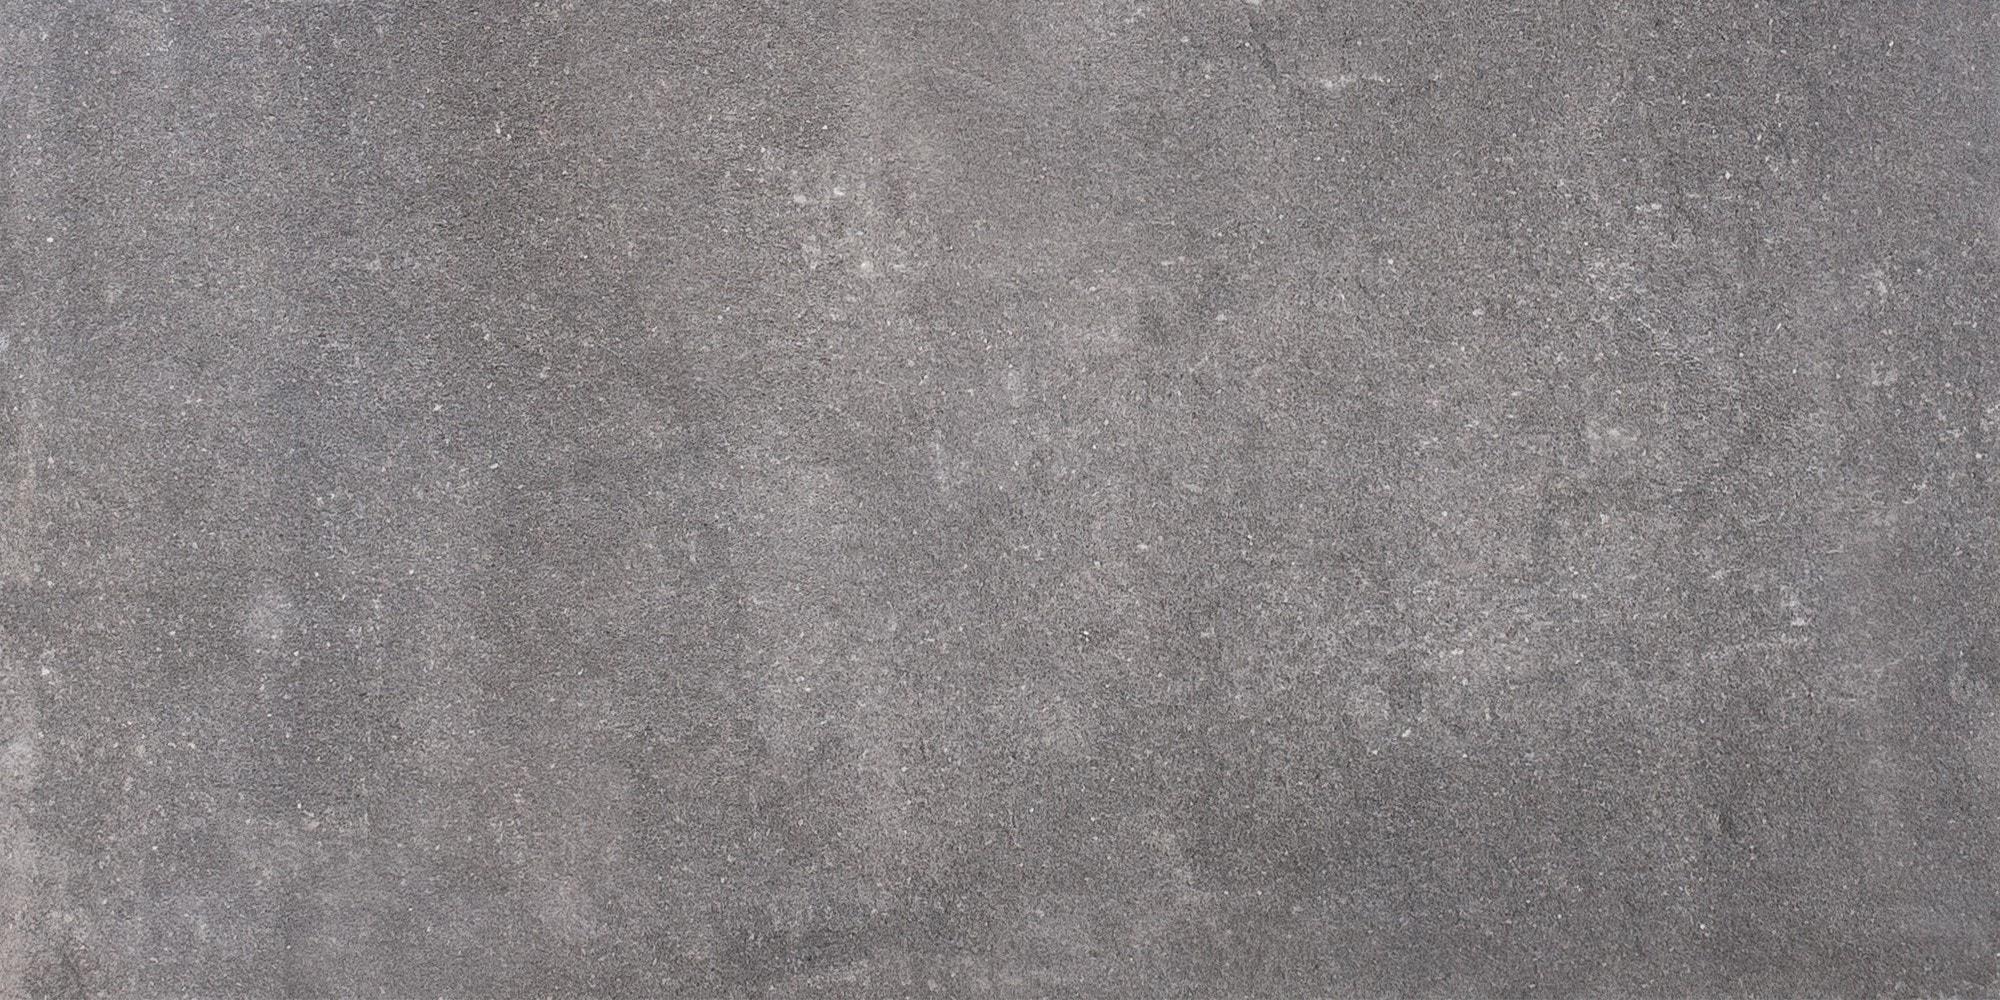 Płytka podłogowa Cerrad Montego Antracyt  797x397x9mm  27681